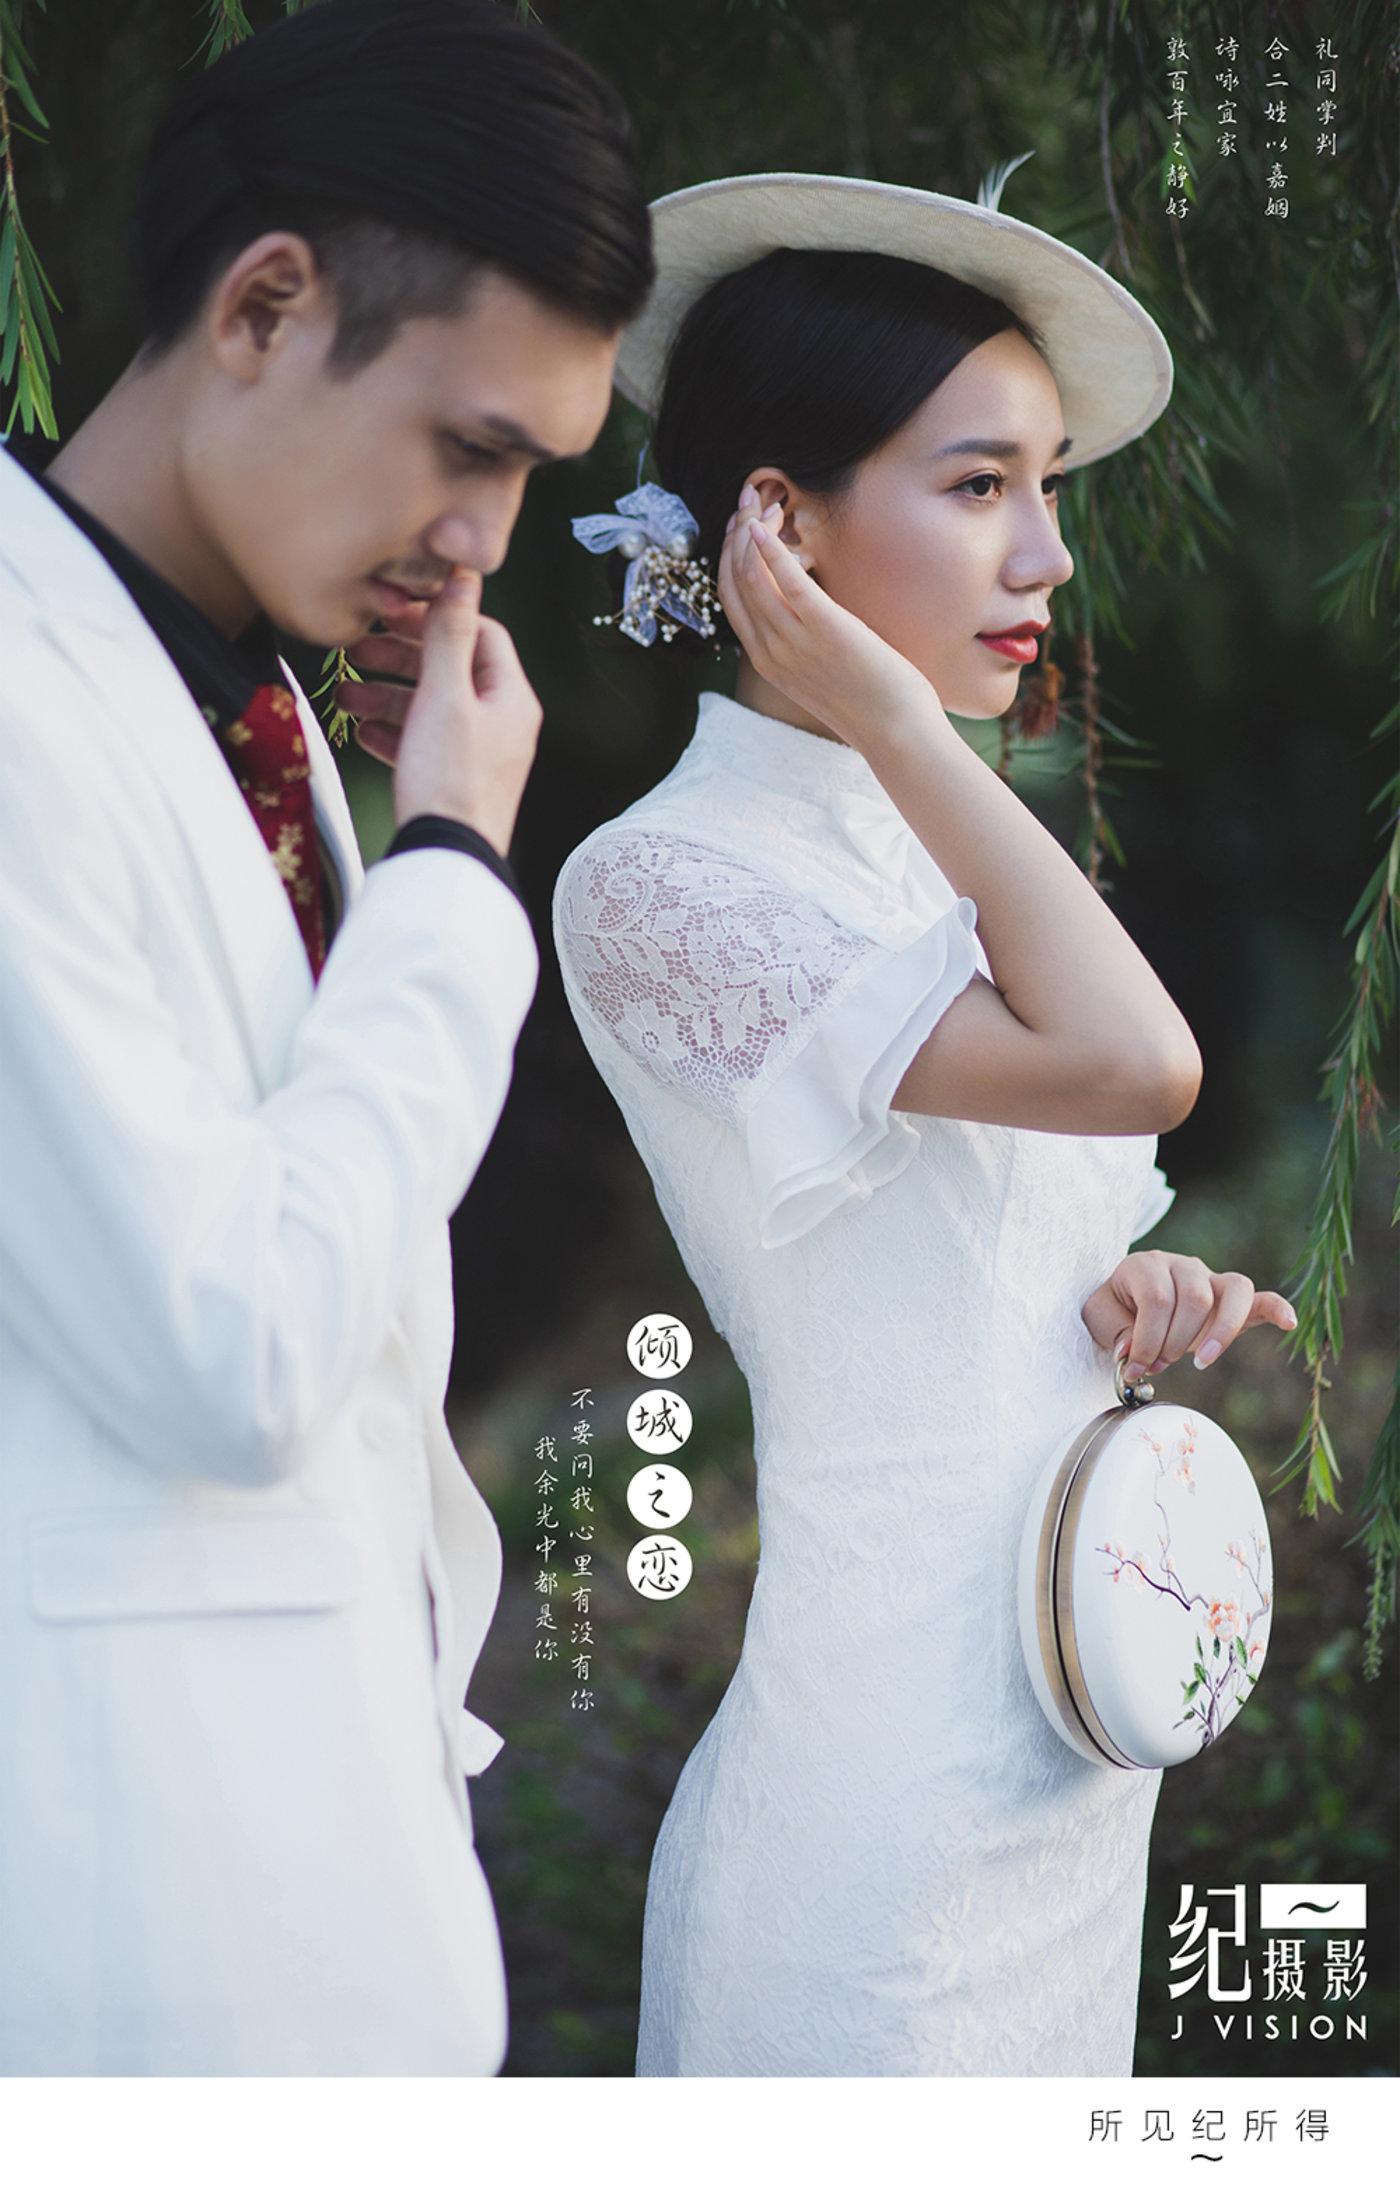 < 文艺丨 倾城之恋 >8